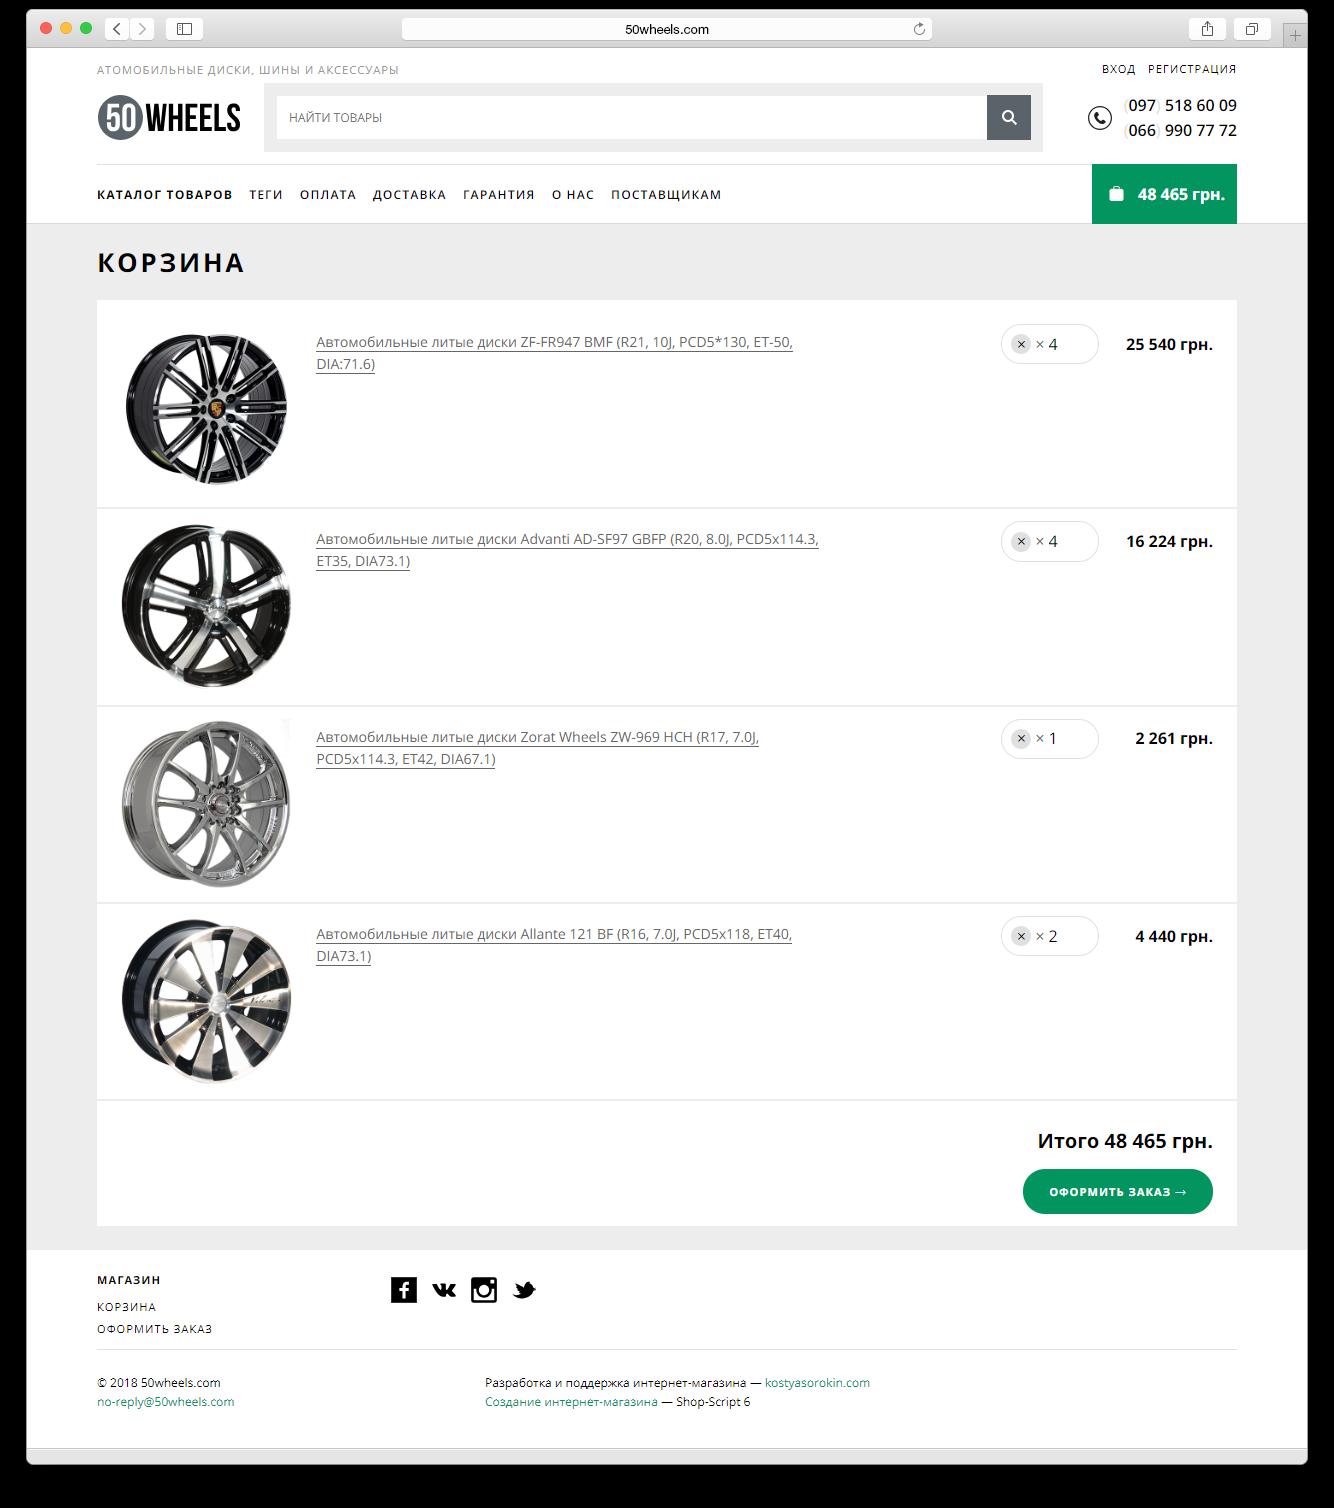 50 wheels — корзина